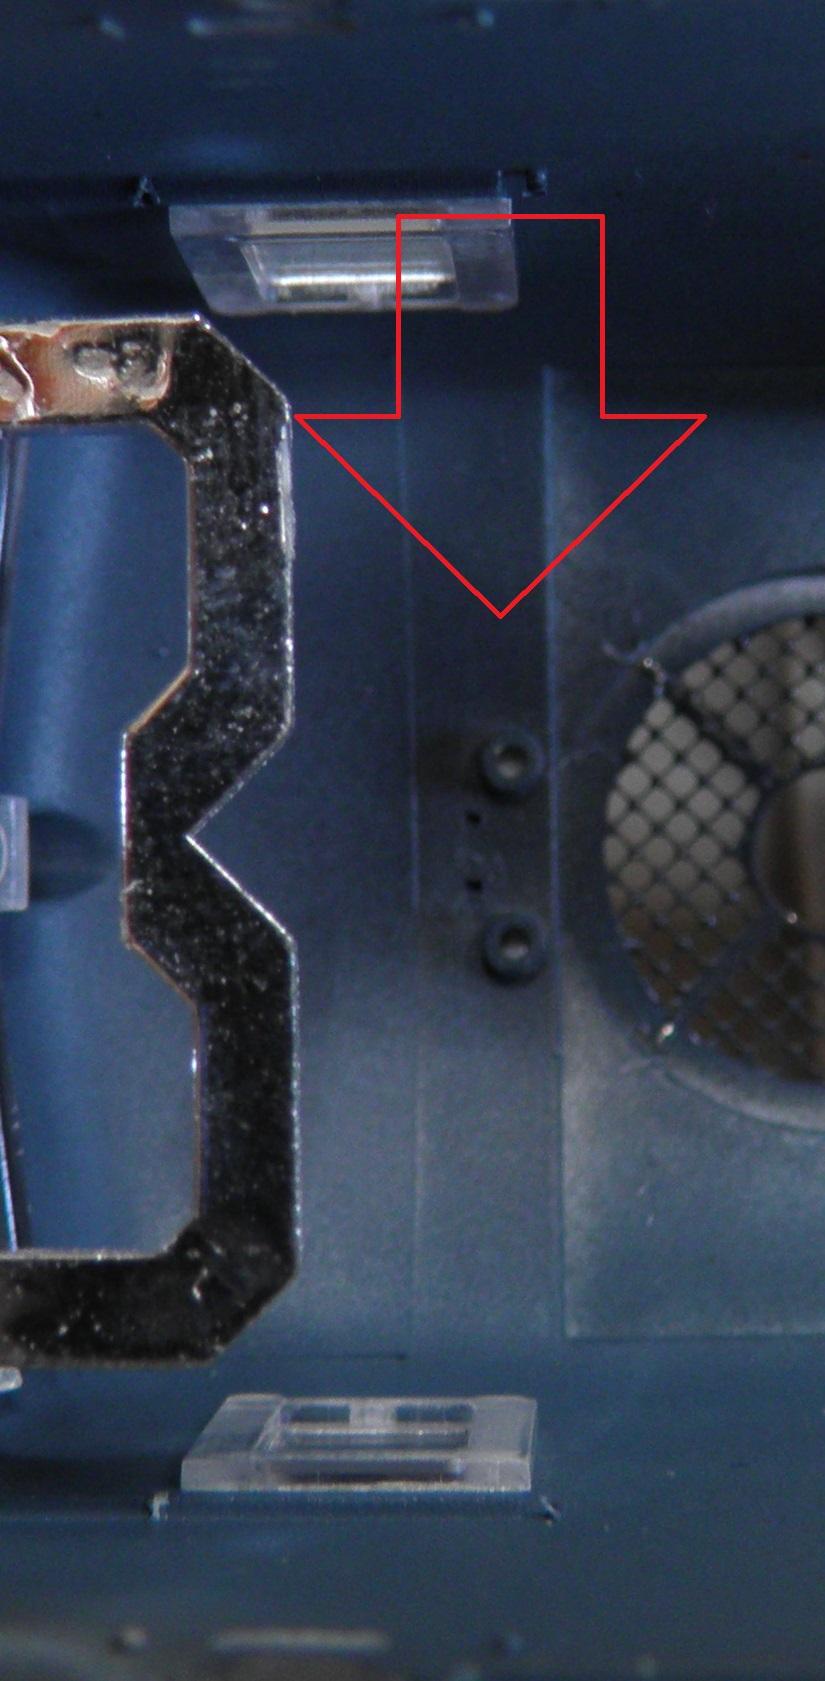 depose de la cabine de conduite coté fleche : levez legerement l'ensemble en tirant en arriere et ca vient tout seul . les 2 guides sous la  fleche rouge correspondent a .........................